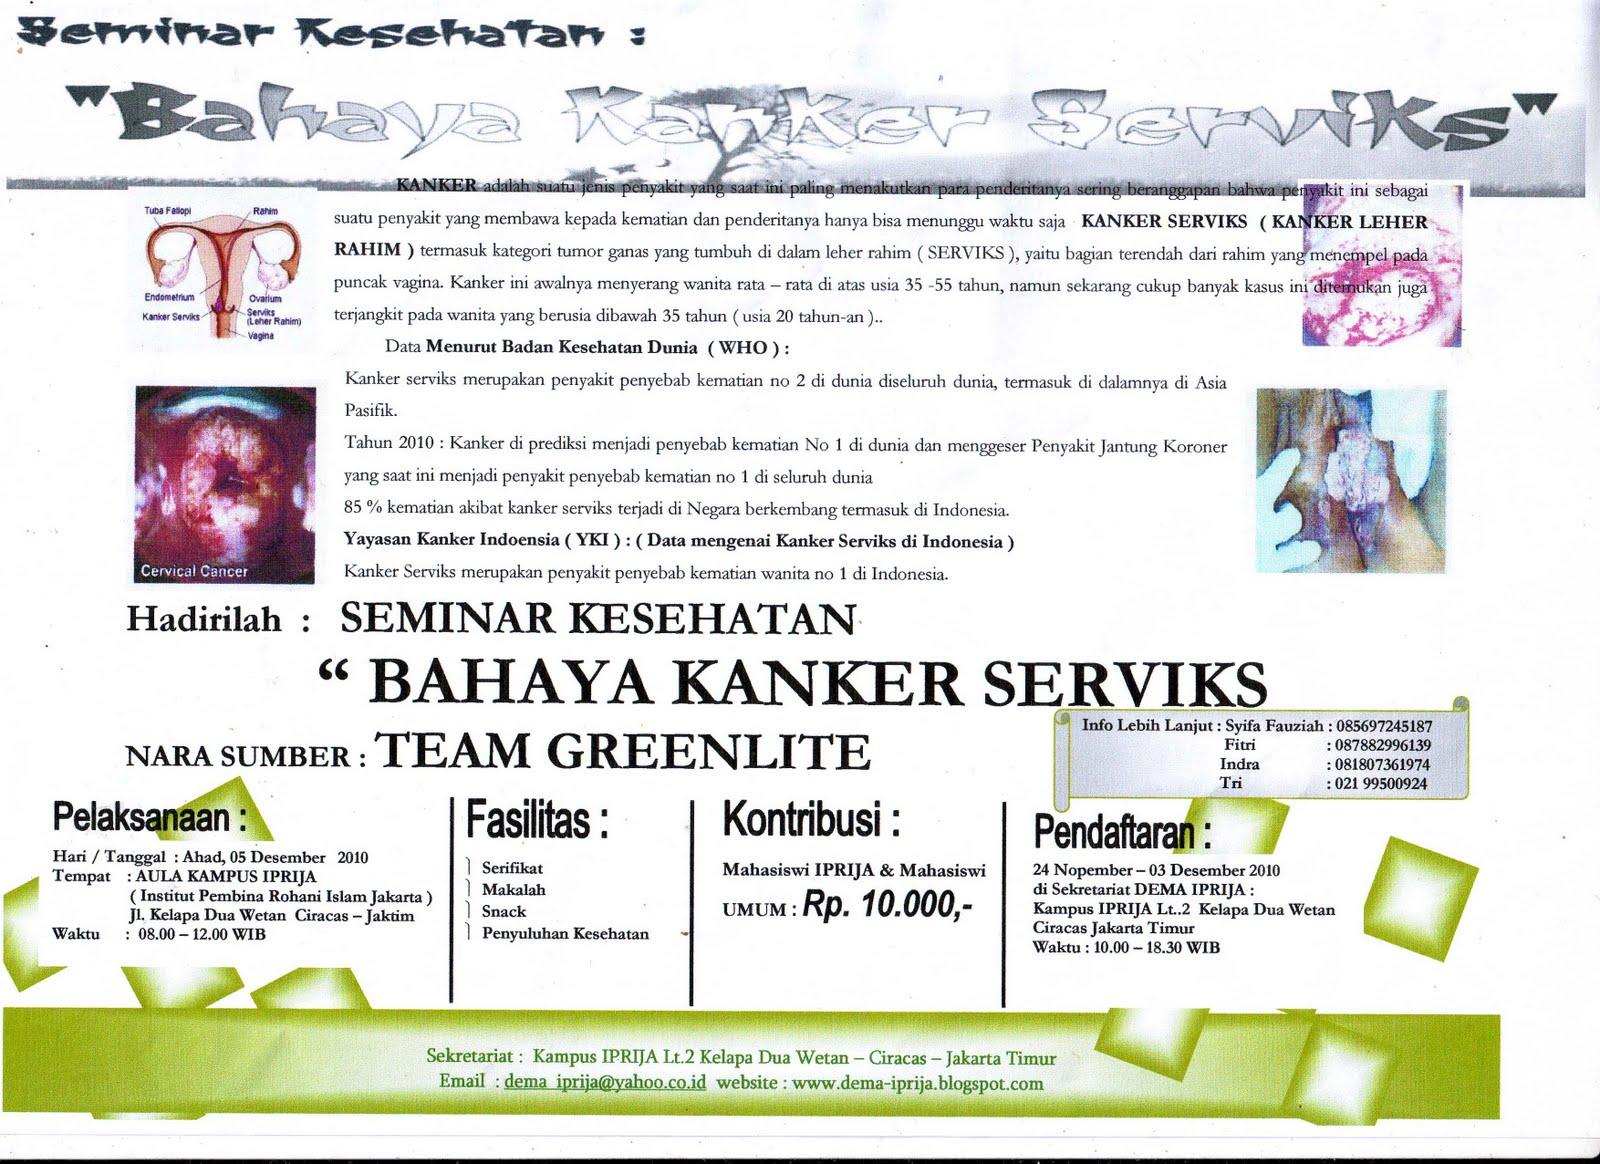 Mahasiswa Institut Pembina Rohani Islam Jakarta ( DEMA - IPRIJA